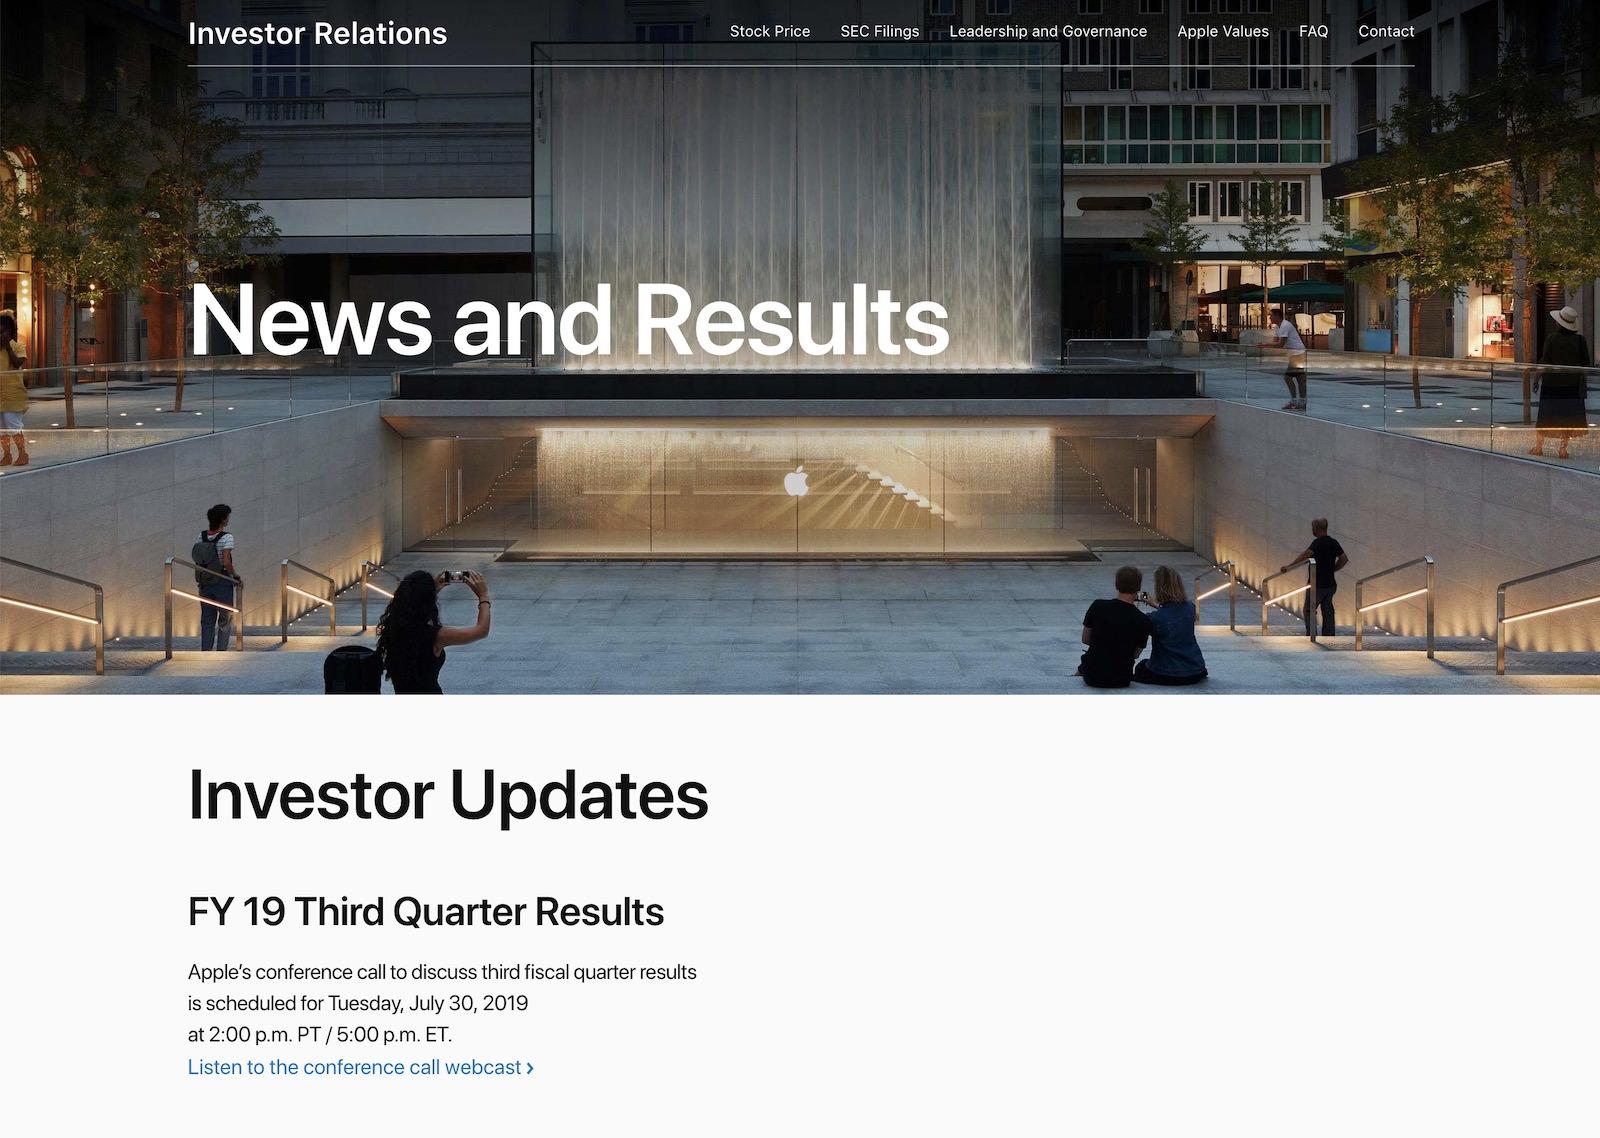 Investor Updates 2019 3rd quarter